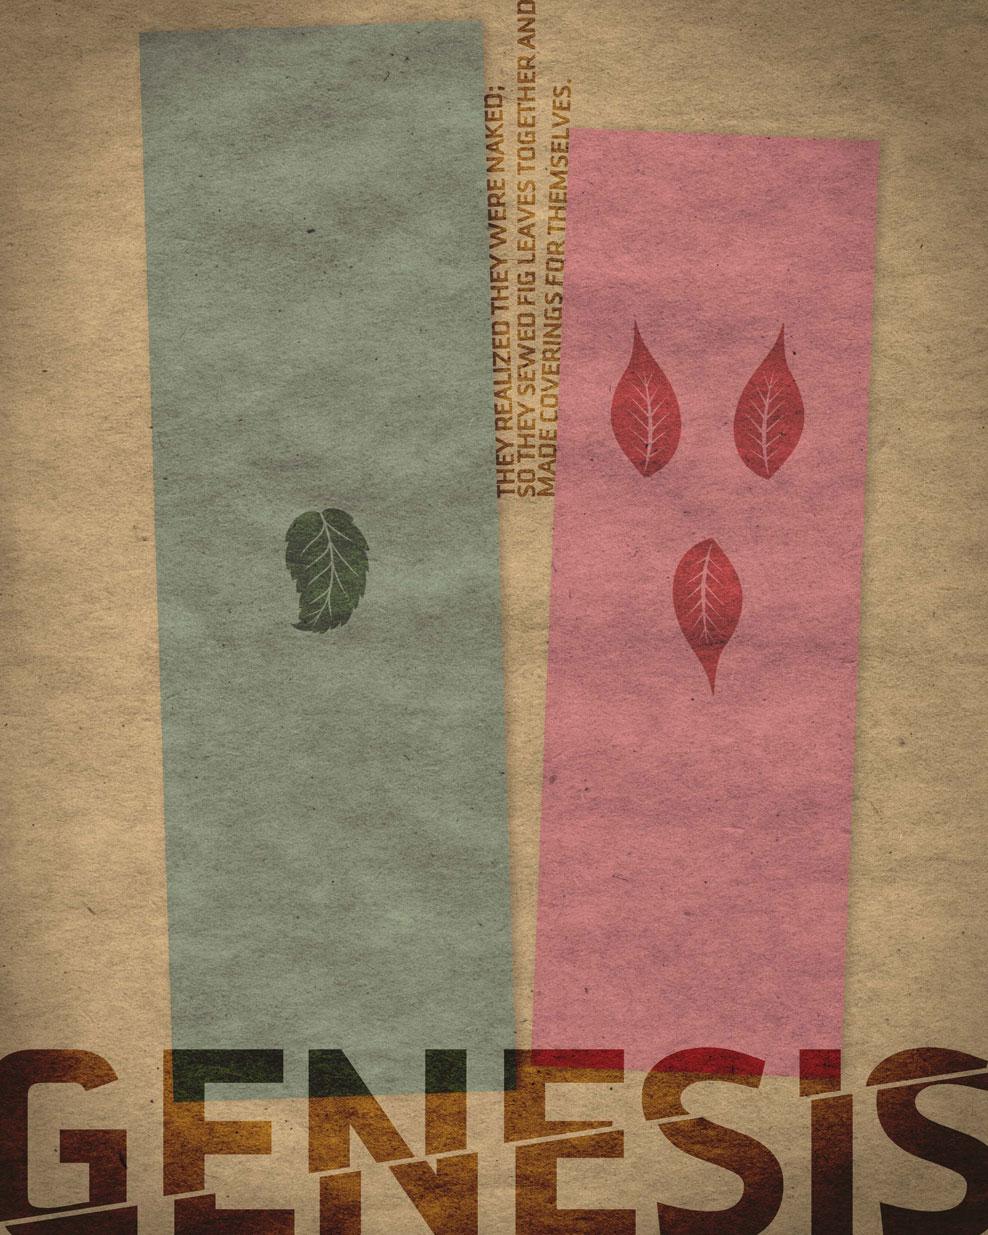 01-Genesis-01_988.jpg